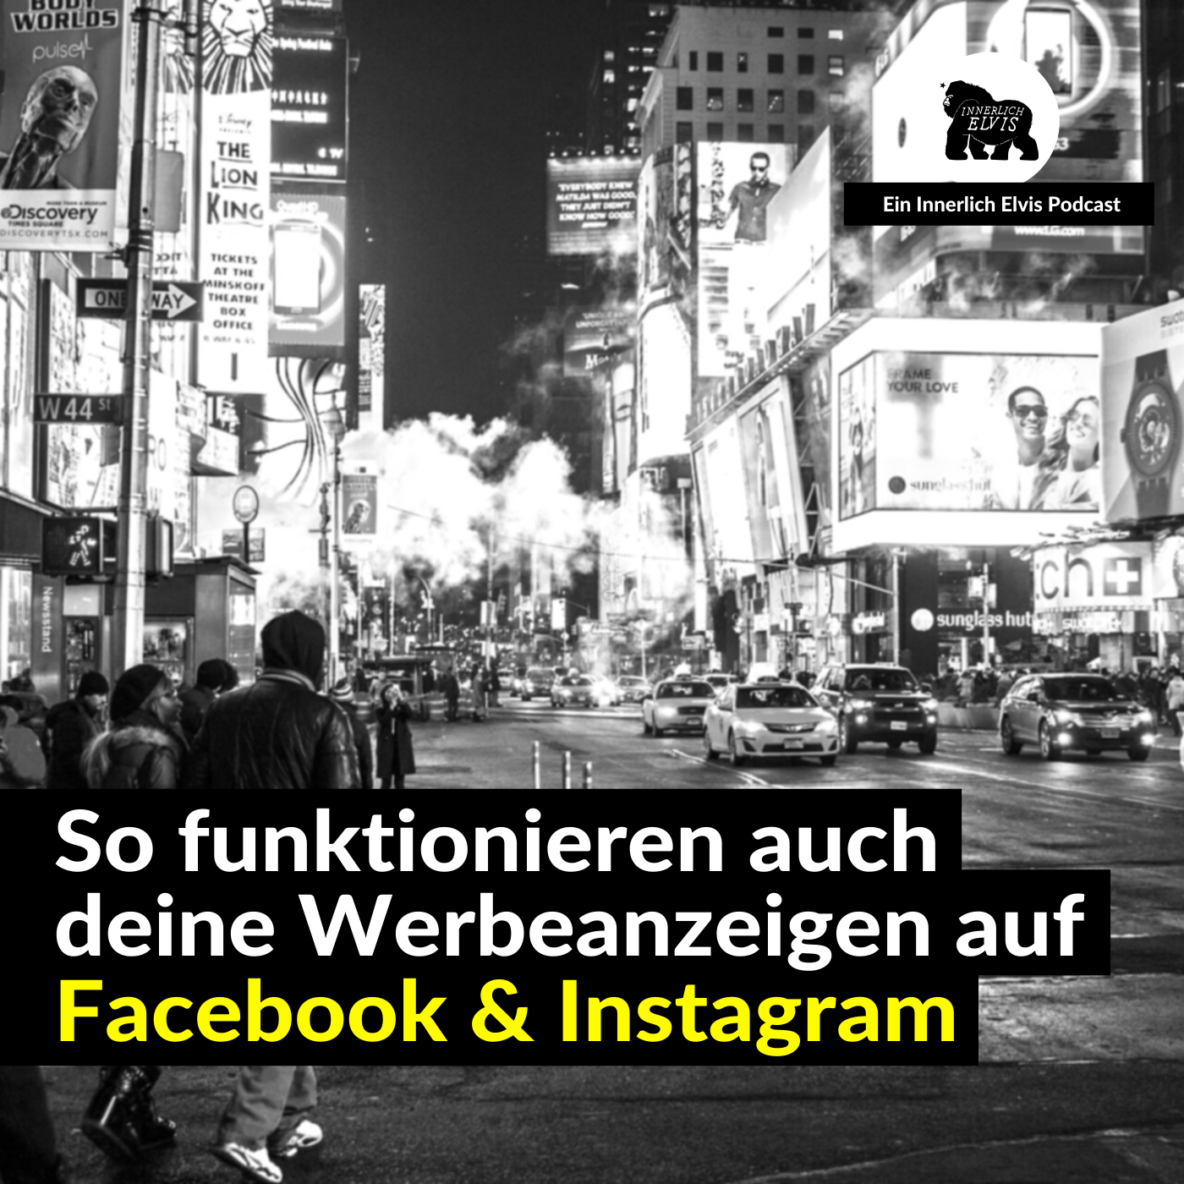 So funktionieren auch deine Werbeanzeigen auf Facebook & Instagram